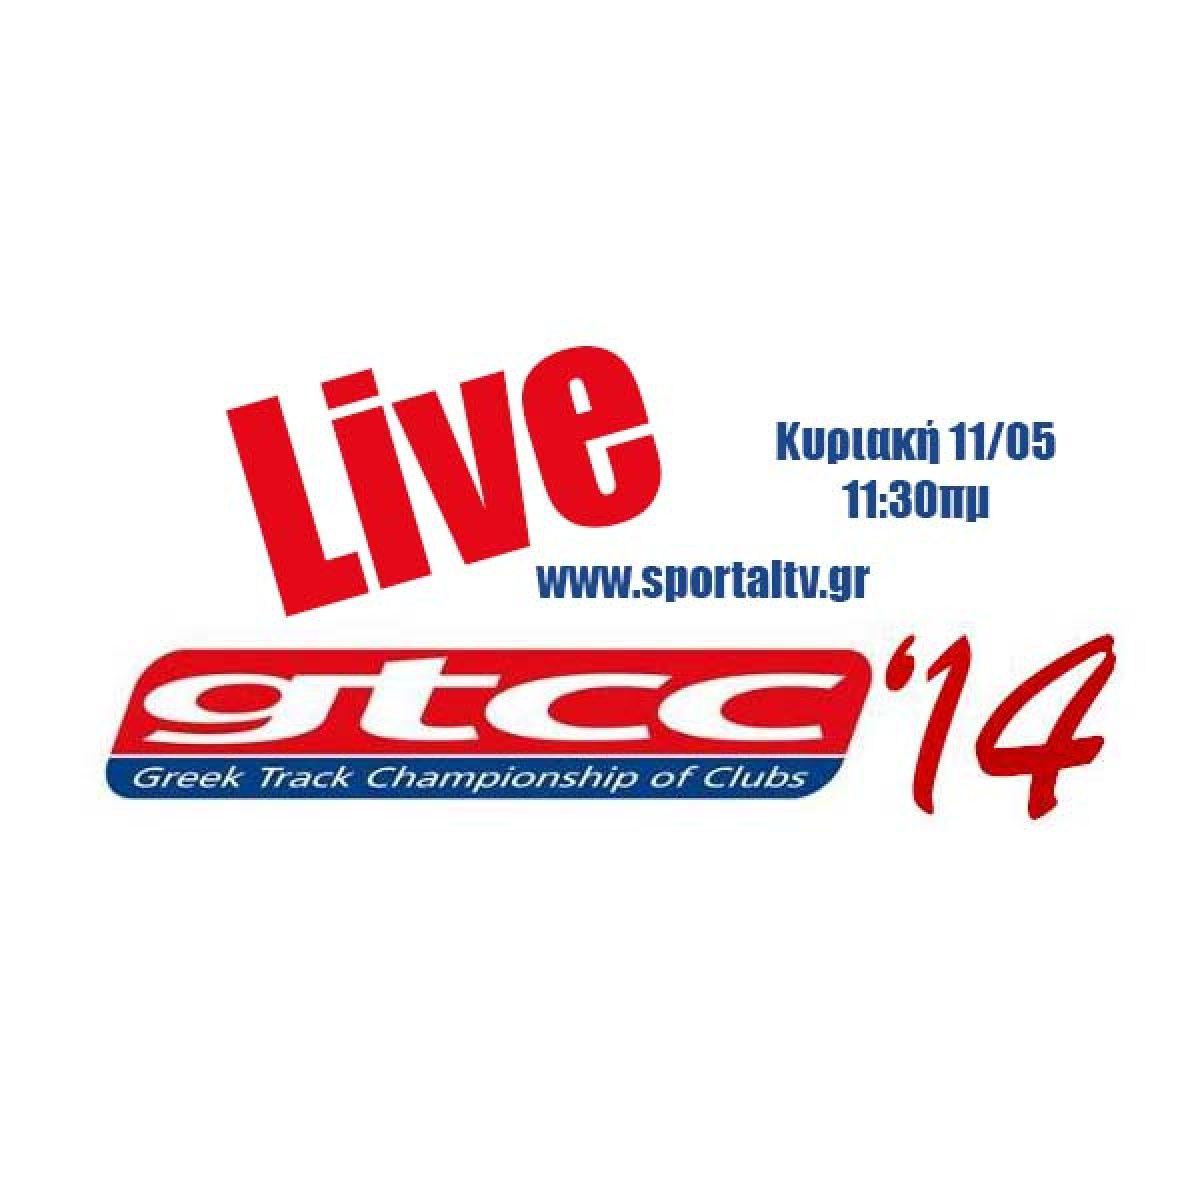 LIVE: 1ος Γύρος για το  GTCC  την Κυριακή 11-05-2014